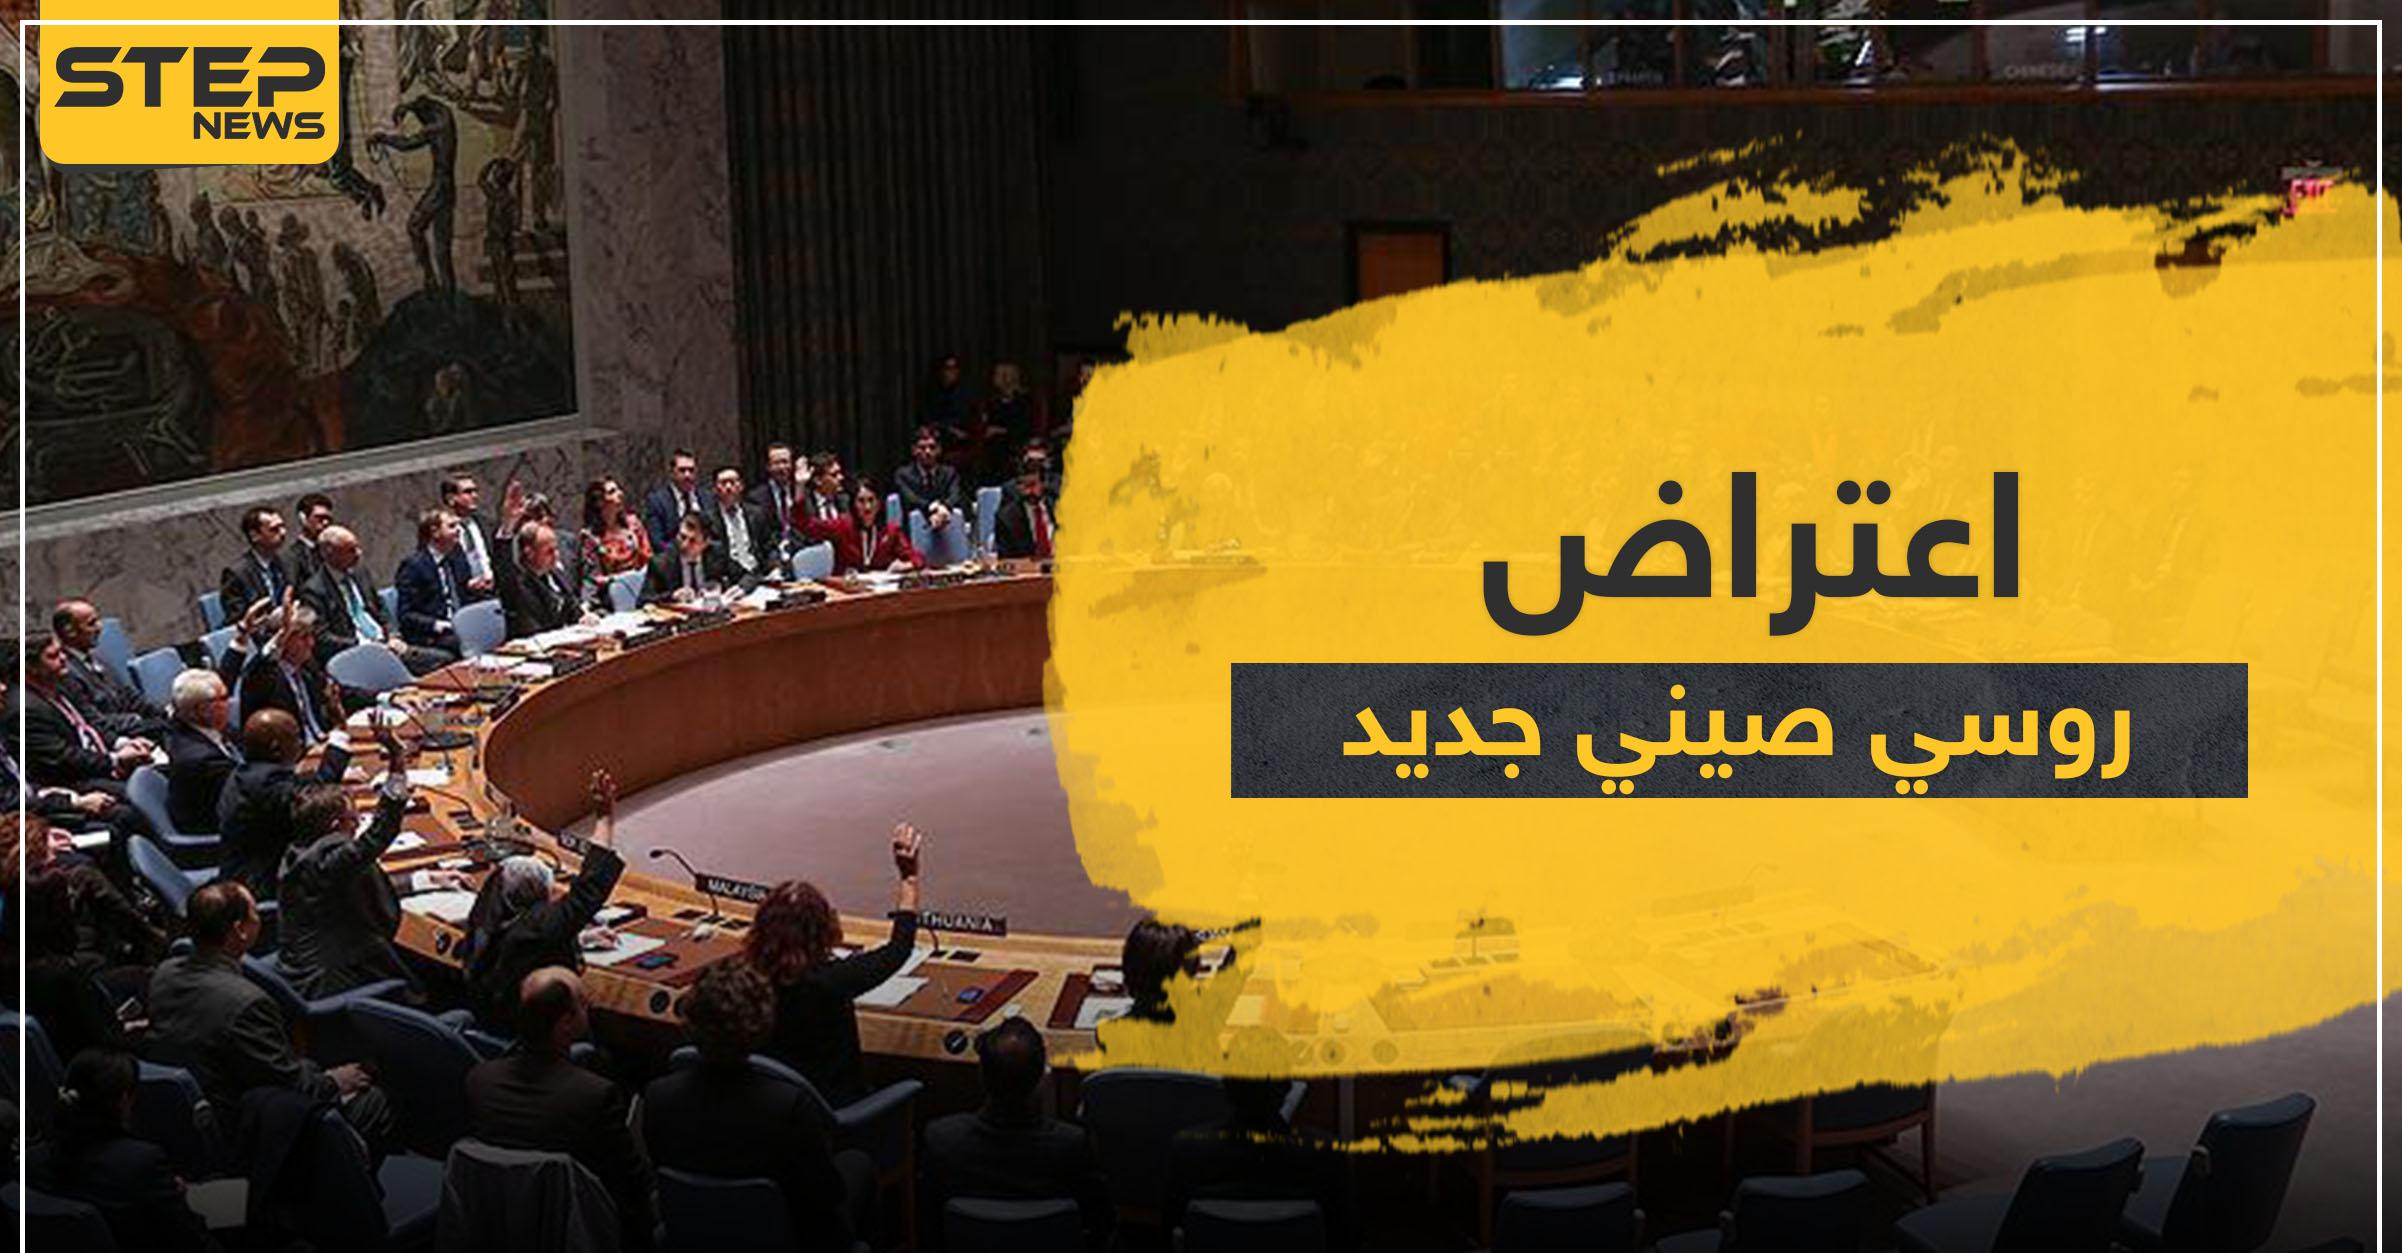 فيتو روسي صيني للمرة 15 في مجلس الأمن